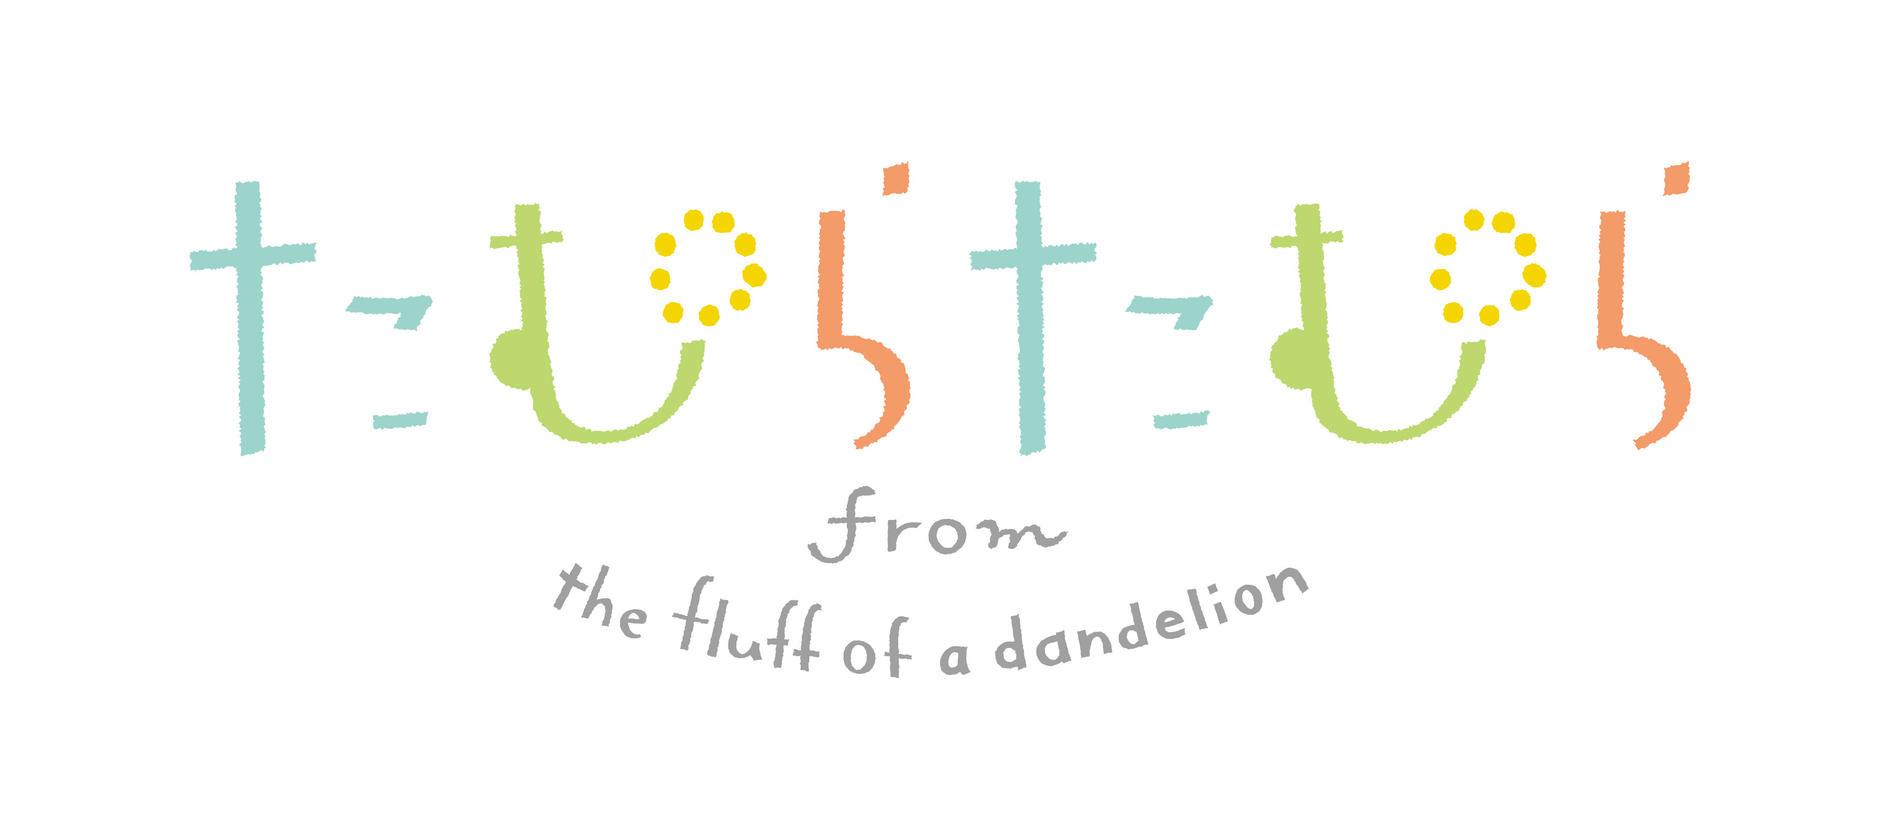 たむらたむら from 〜the fluff of a dandelion〜